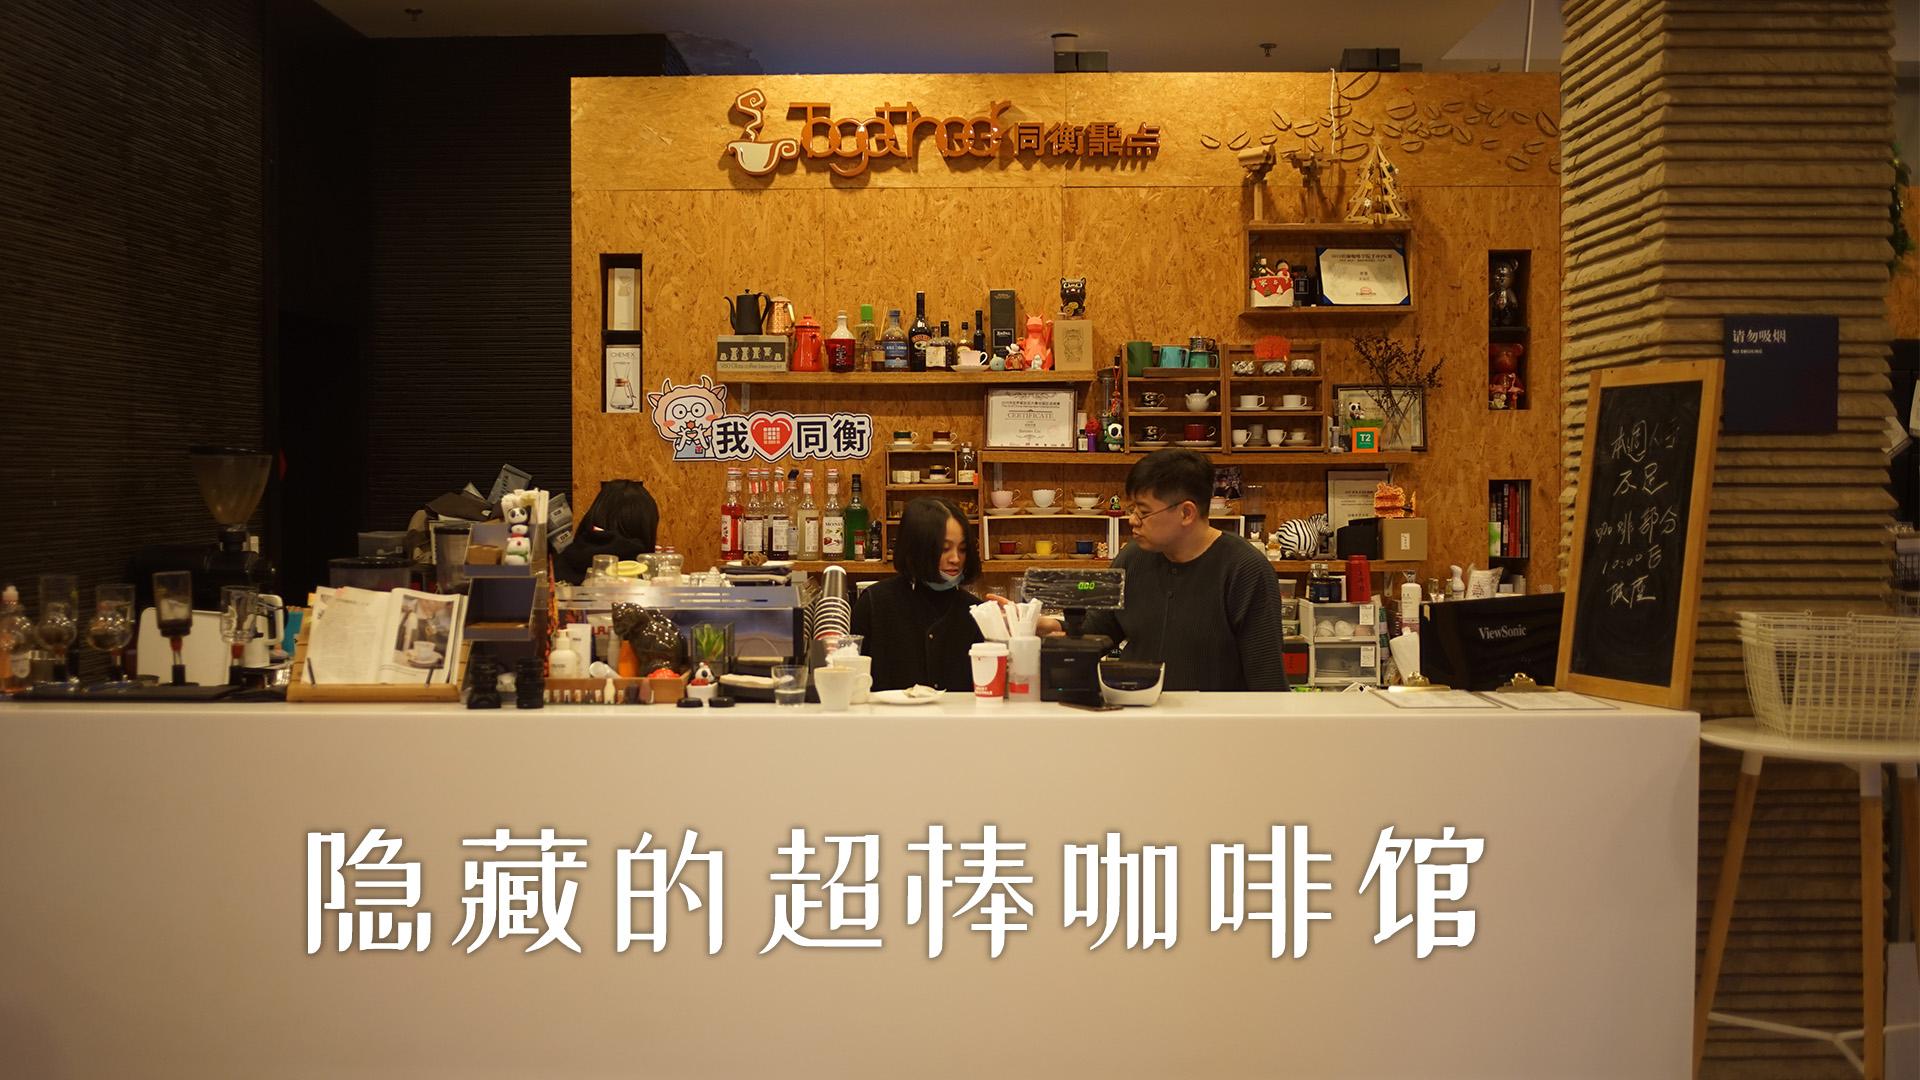 【咖啡vlog】隐藏某单位里的美味~同衡聚点咖啡